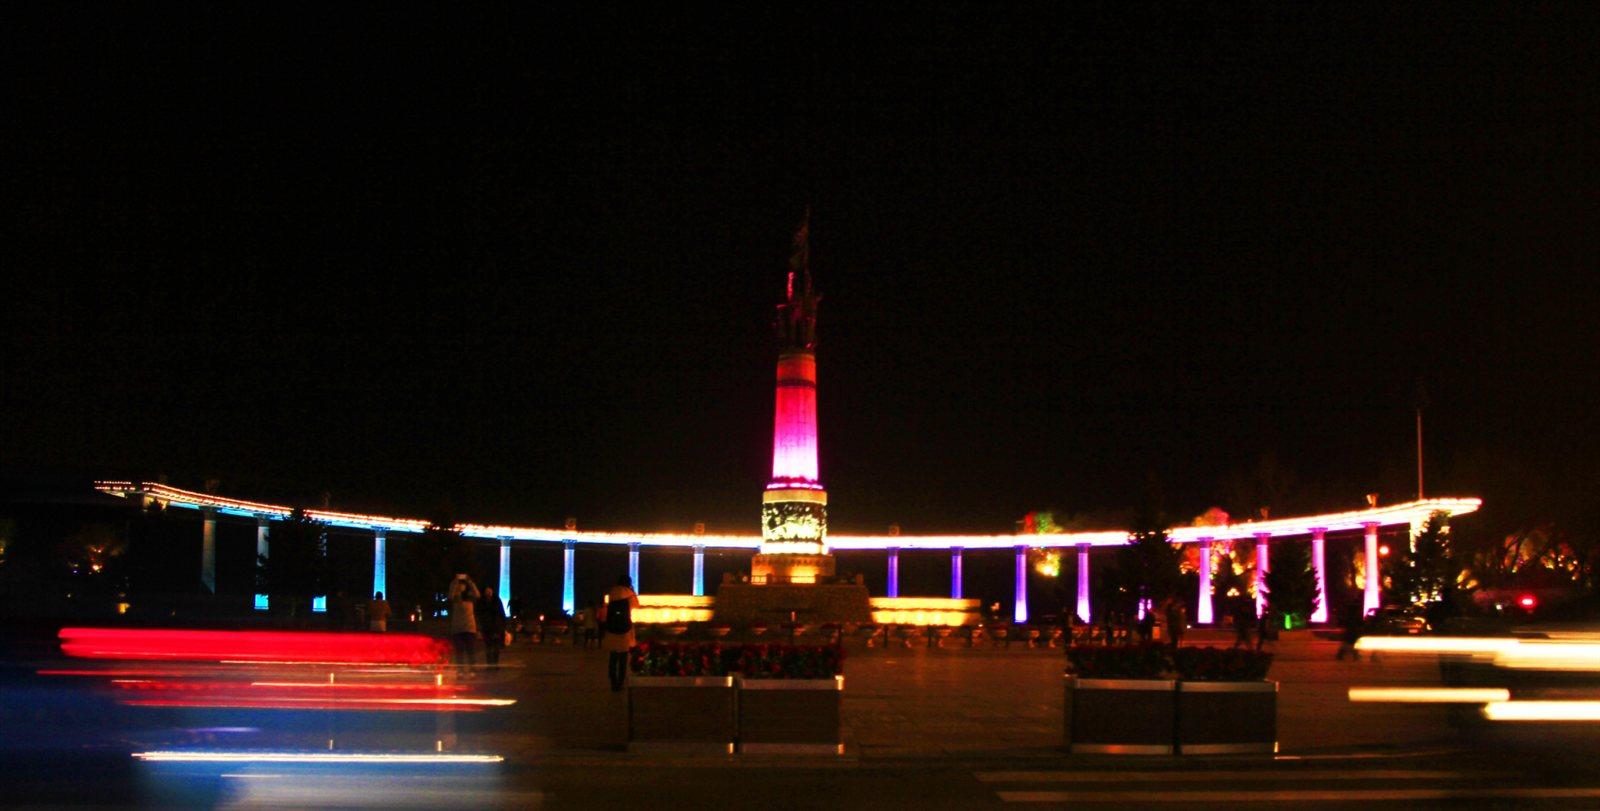 夜拍哈尔滨防洪纪念塔